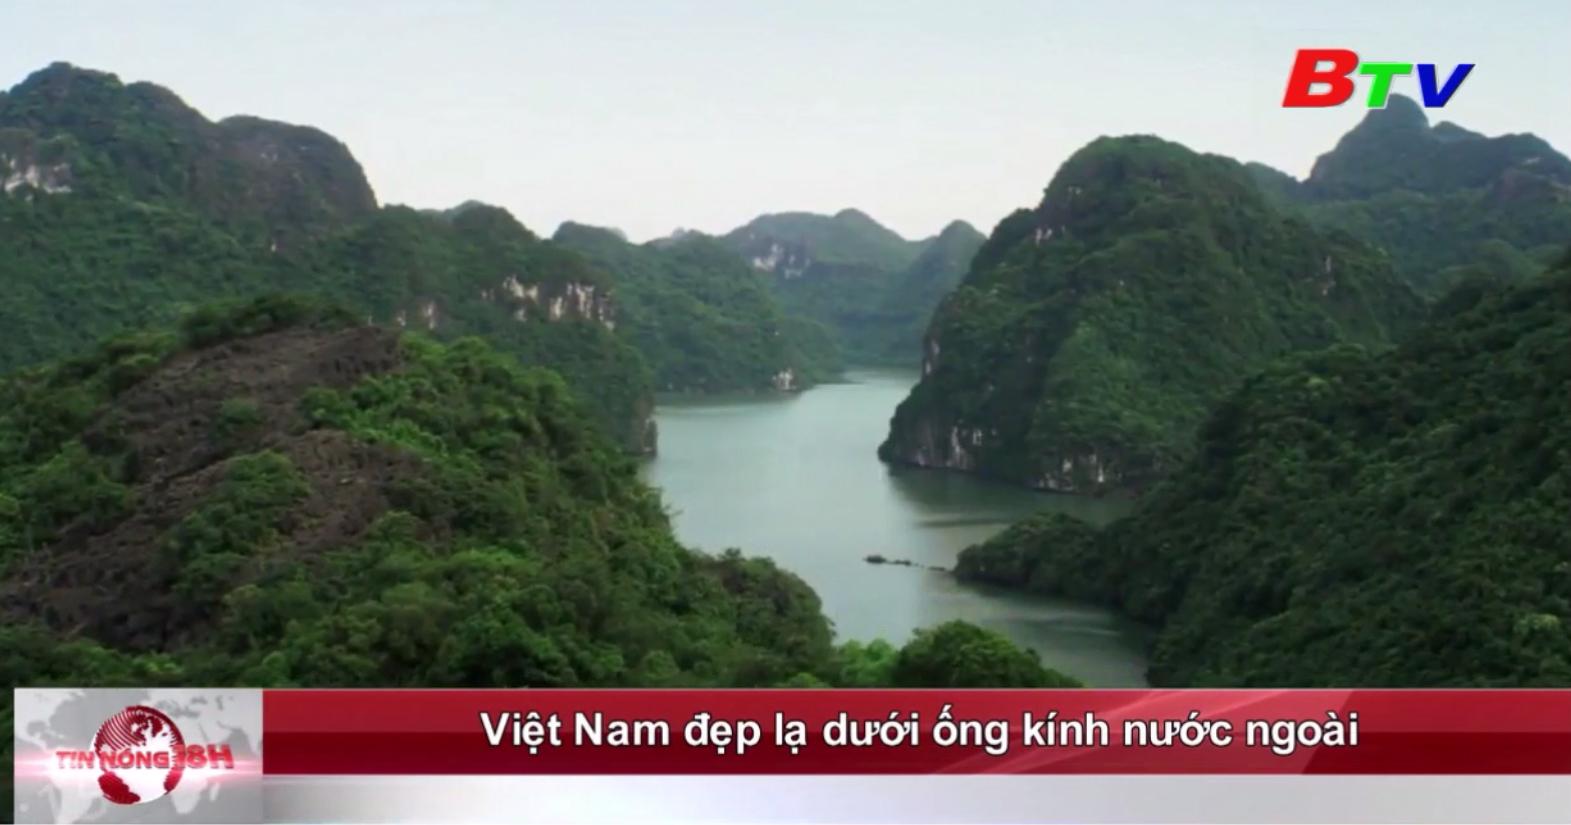 Việt Nam đẹp lạ dưới ống kính nước ngoài